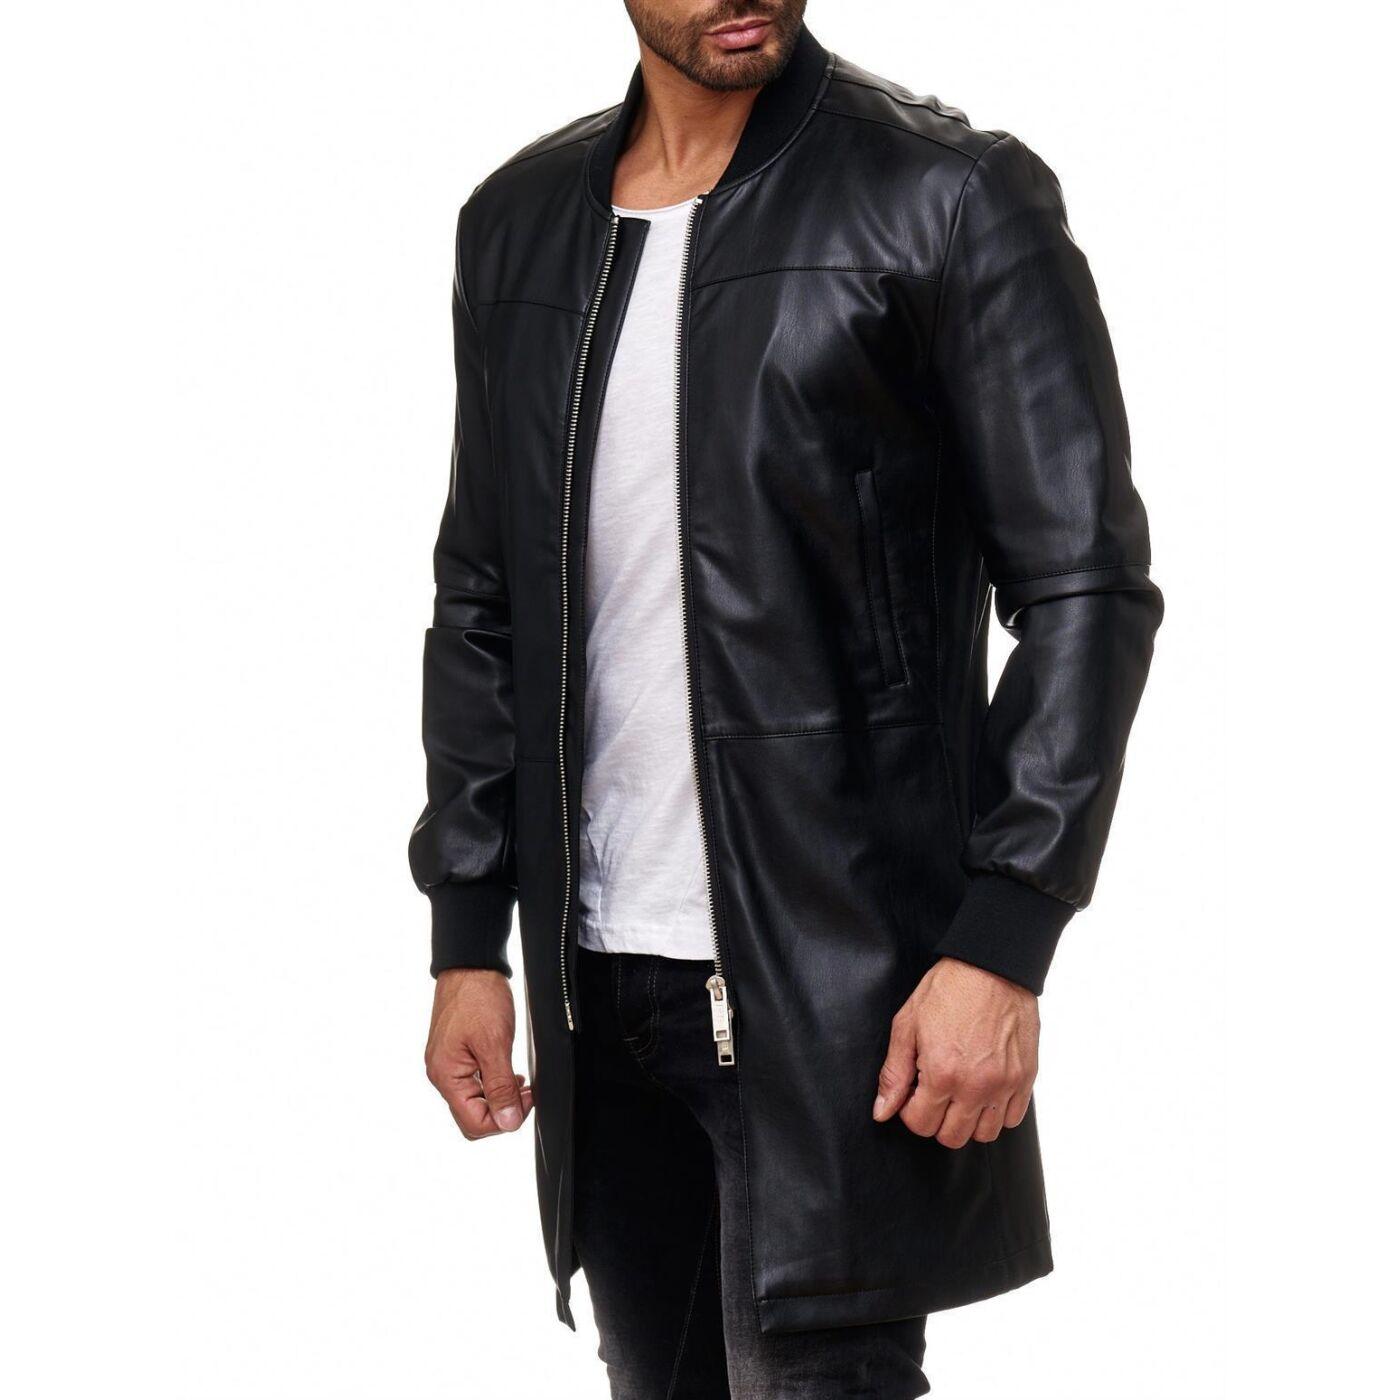 Leder Jacke Schwarz Herren Weiß Weiß Jacke Schwarz Herren Jacke Leder Leder Herren eCxBod